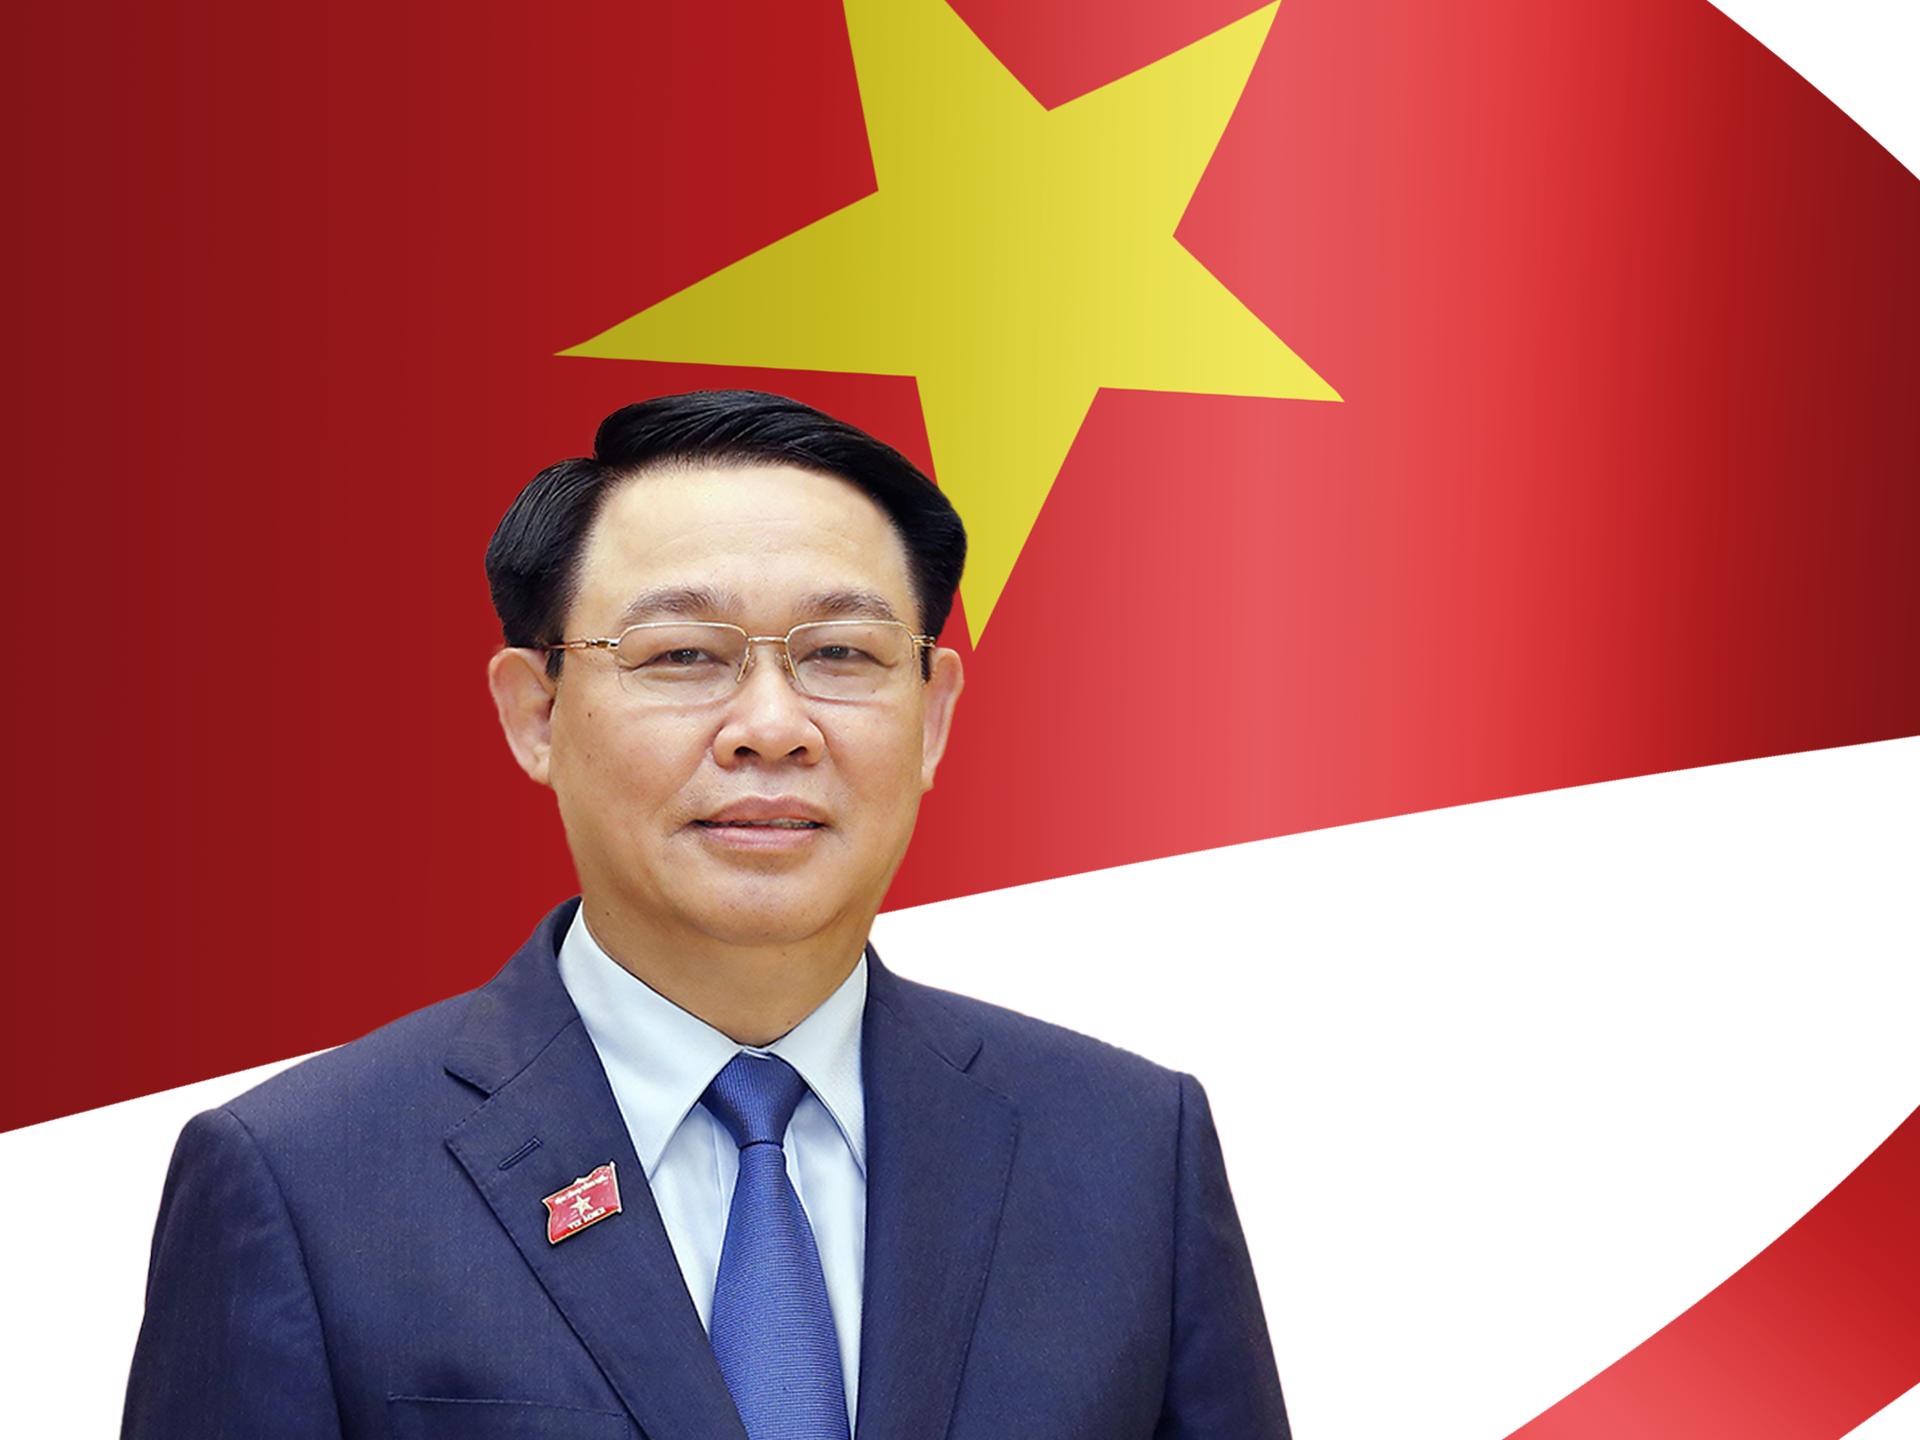 Chuyến đi mang về hàng chục tỉ USD và tầm nhìn chiến lược của Chủ tịch Quốc hội Vương Đình Huệ - Ảnh 1